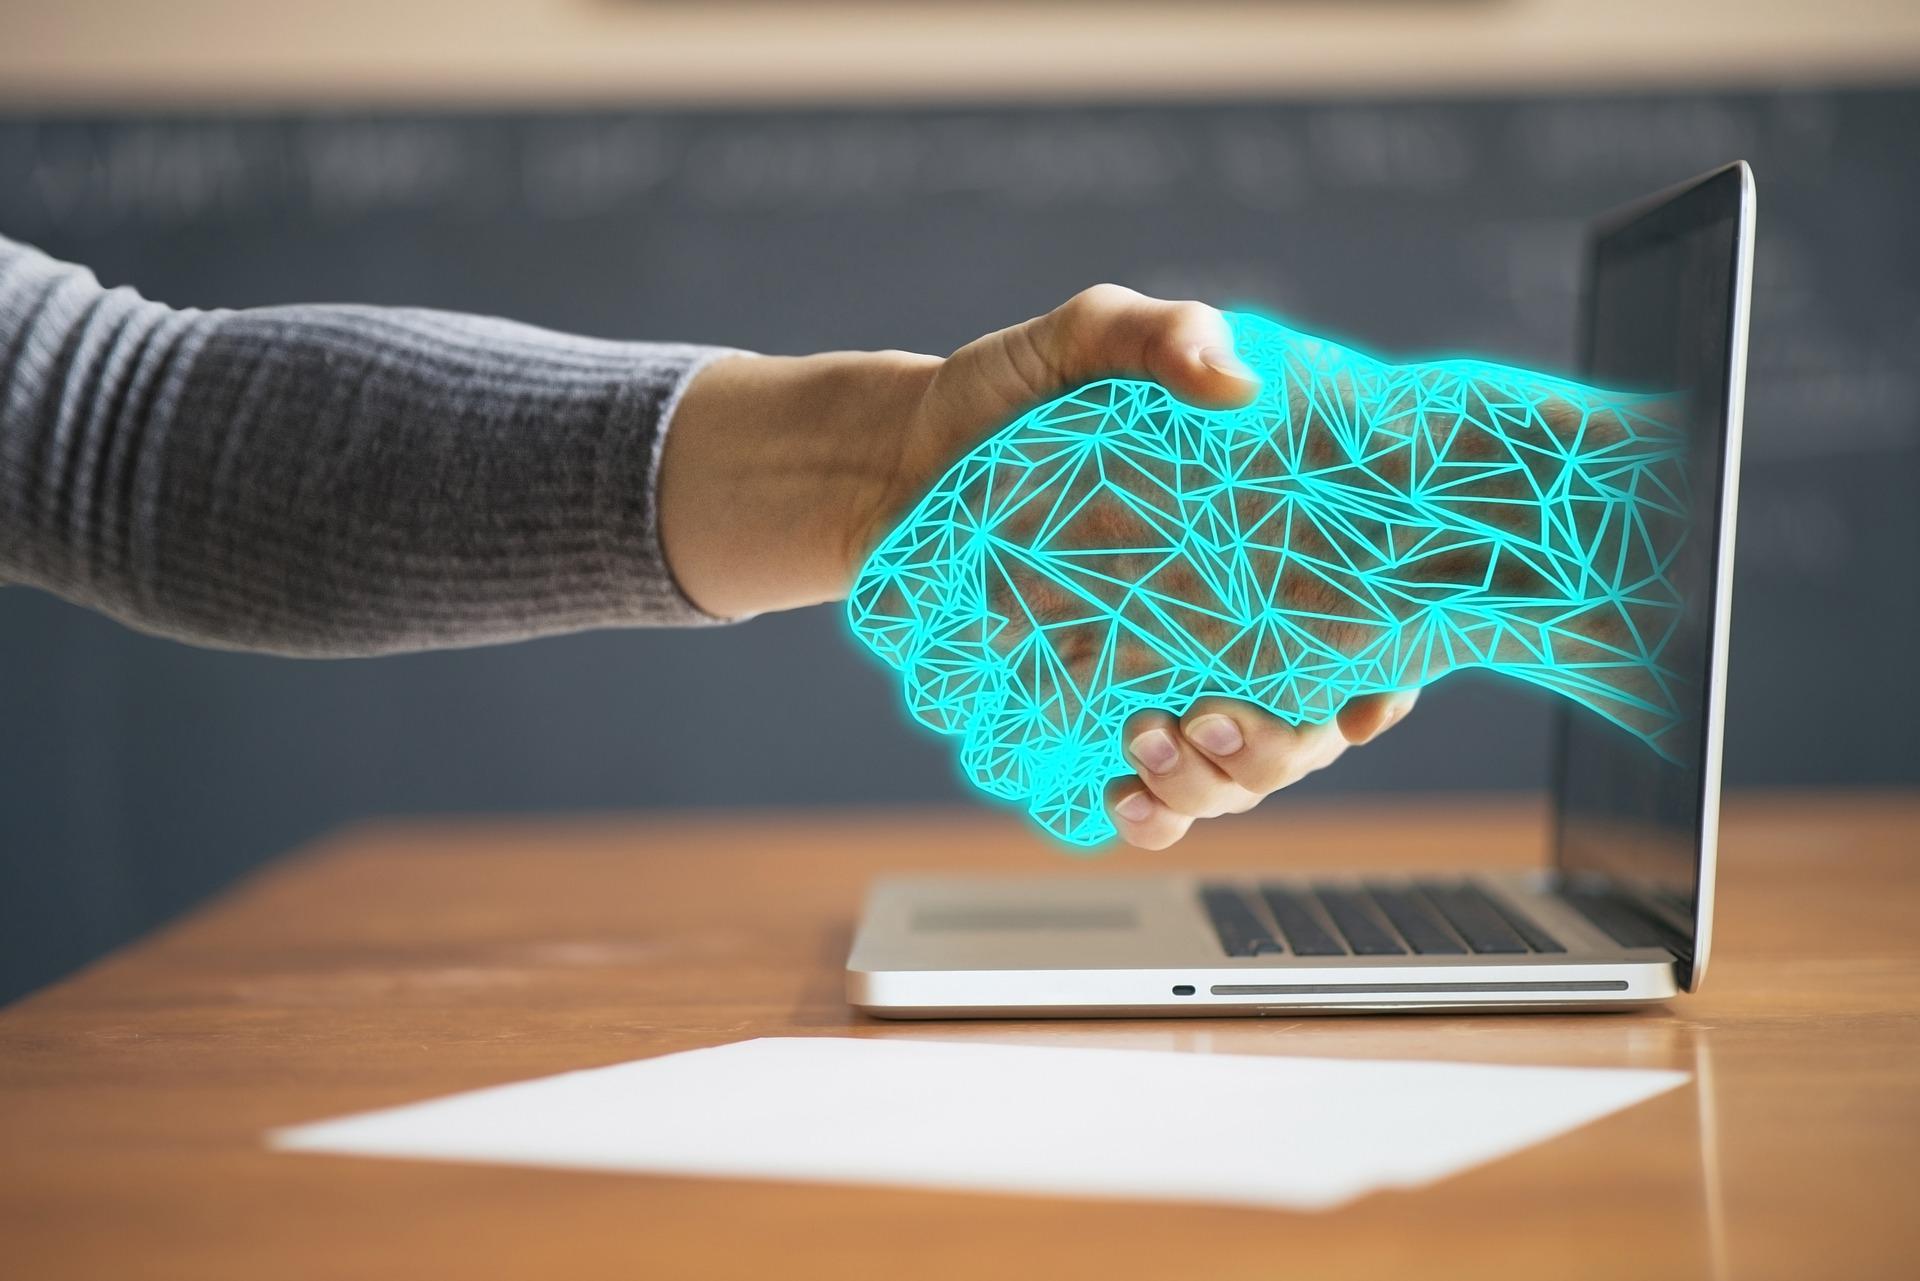 Zwei Hände, die einander reichen. Dabei kommt eine Hand aus dem Laptop und ist aus künstlicher Intelligenz geformt